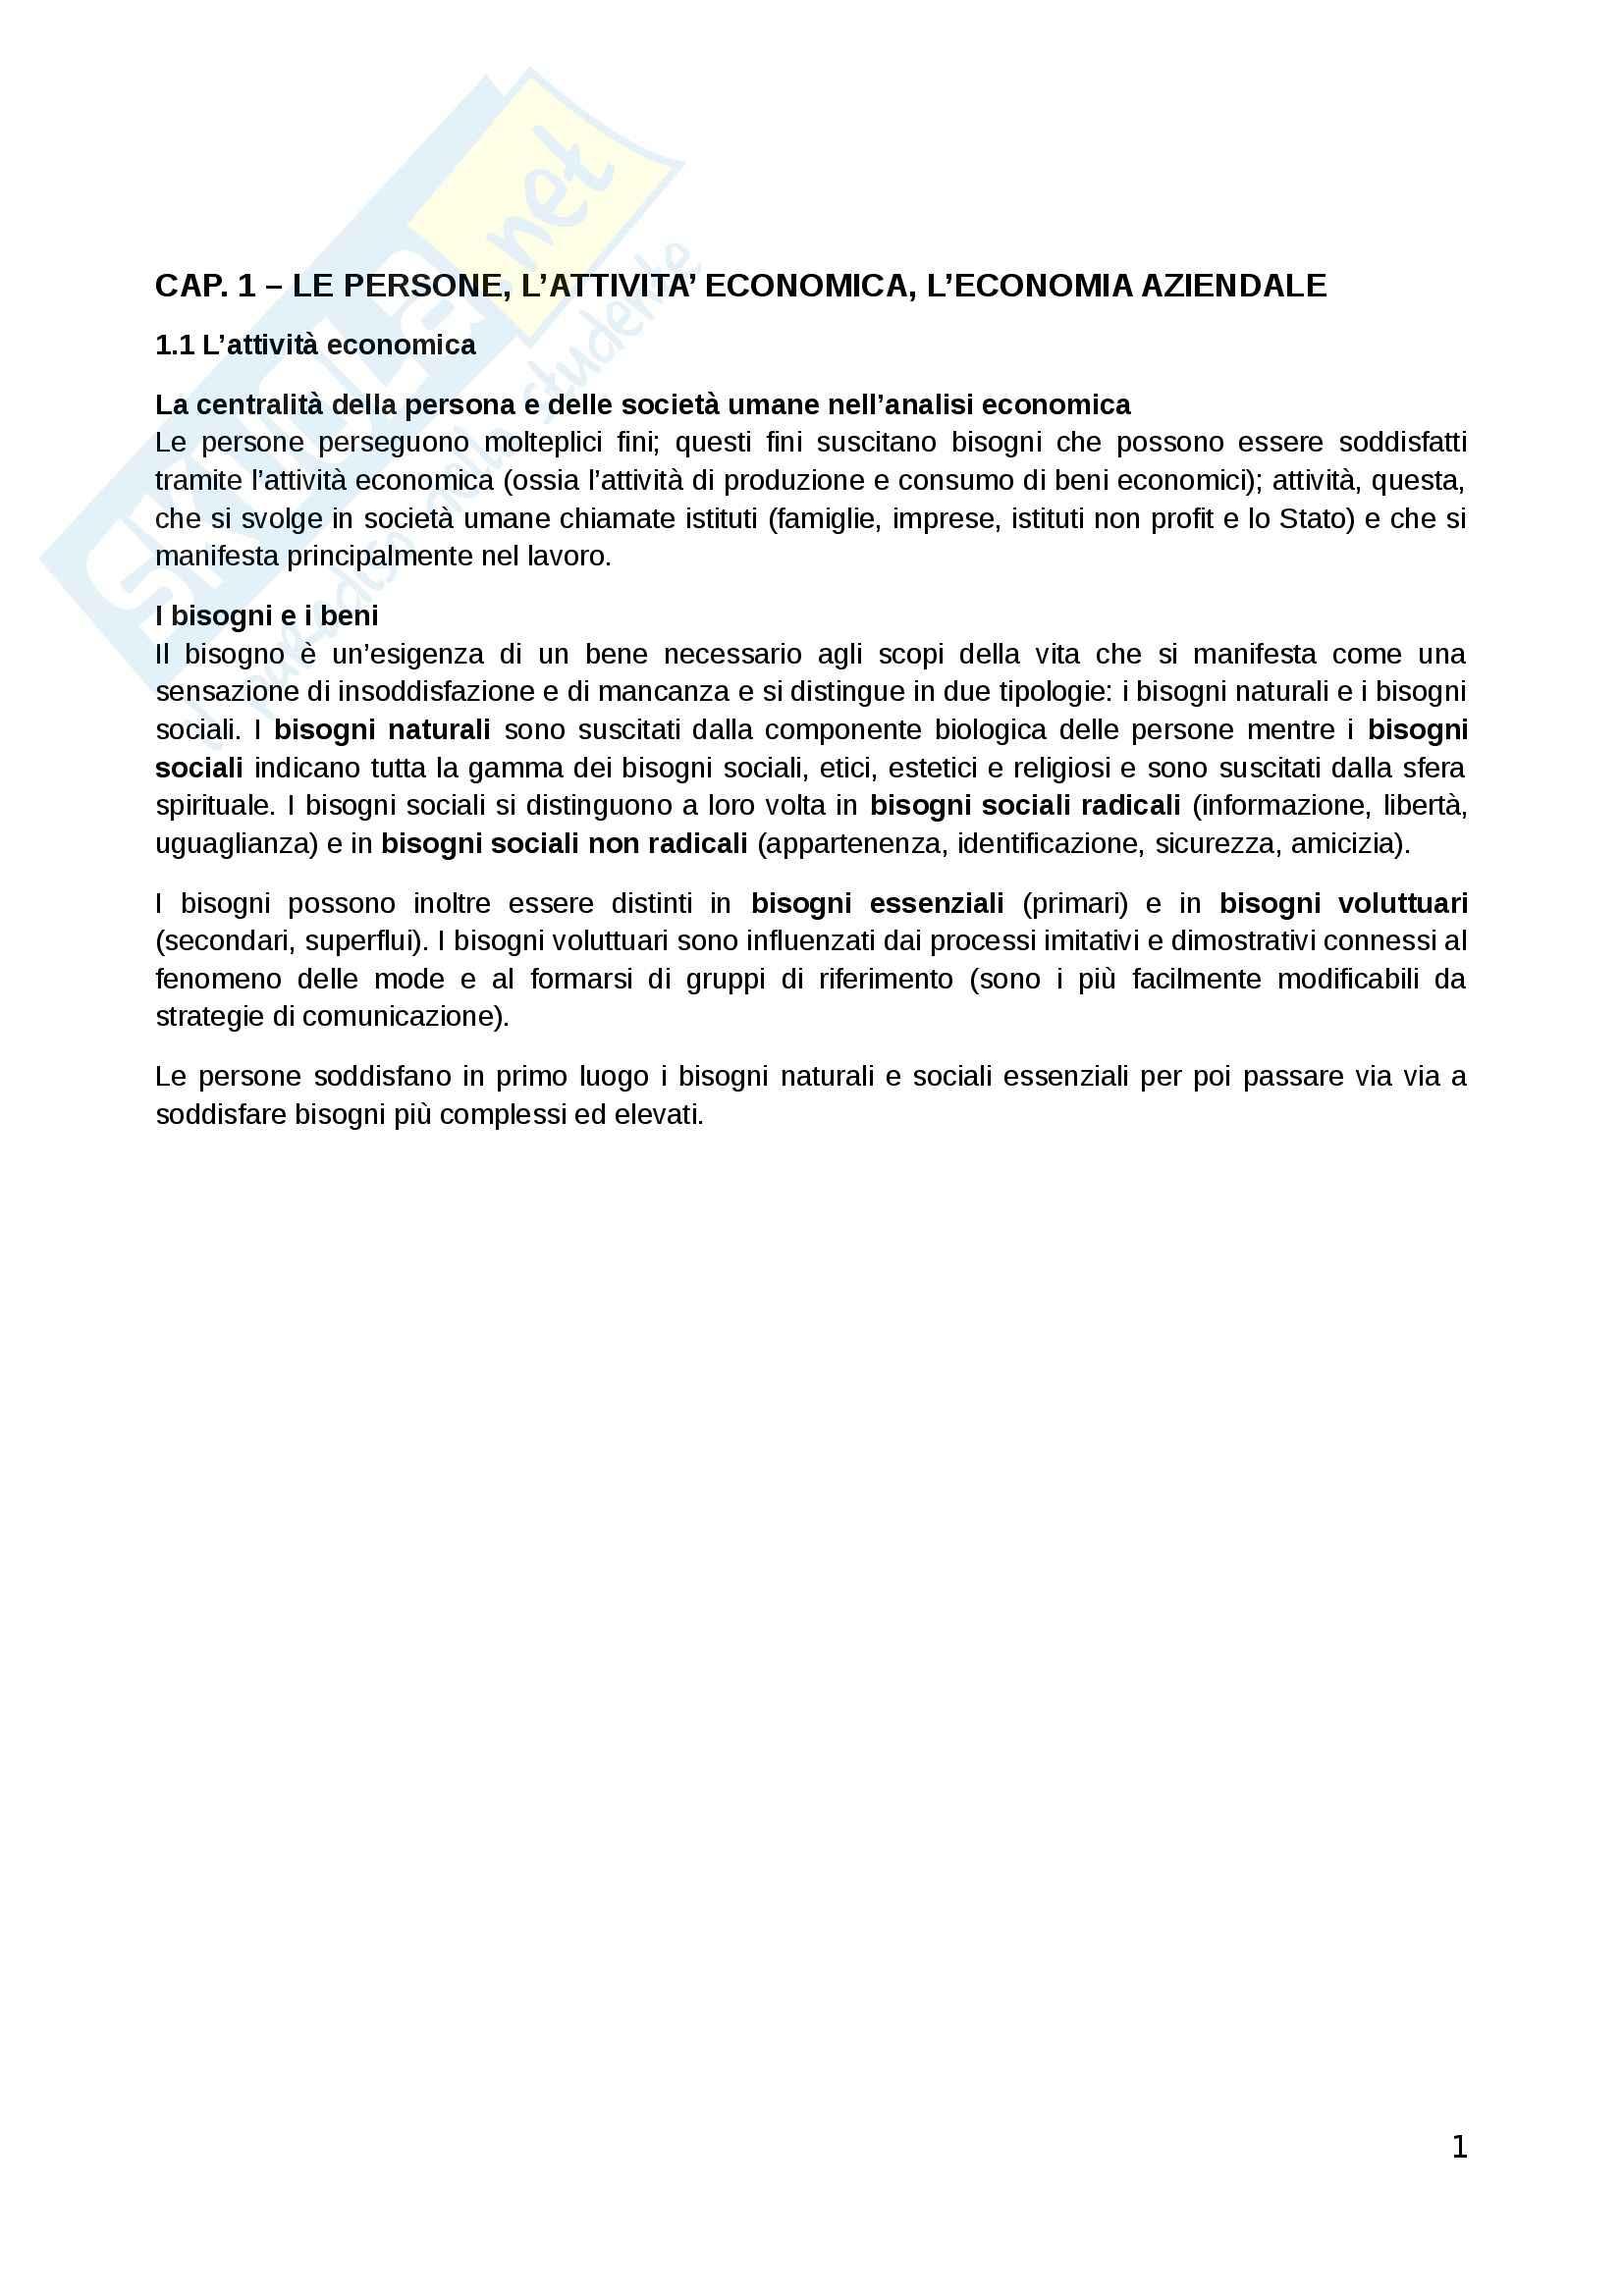 Riassunto esame Economia Aziendale, prof. Baldassarre, libro consigliato Corso di economia aziendale, Airoldi, Brunetti, Coda